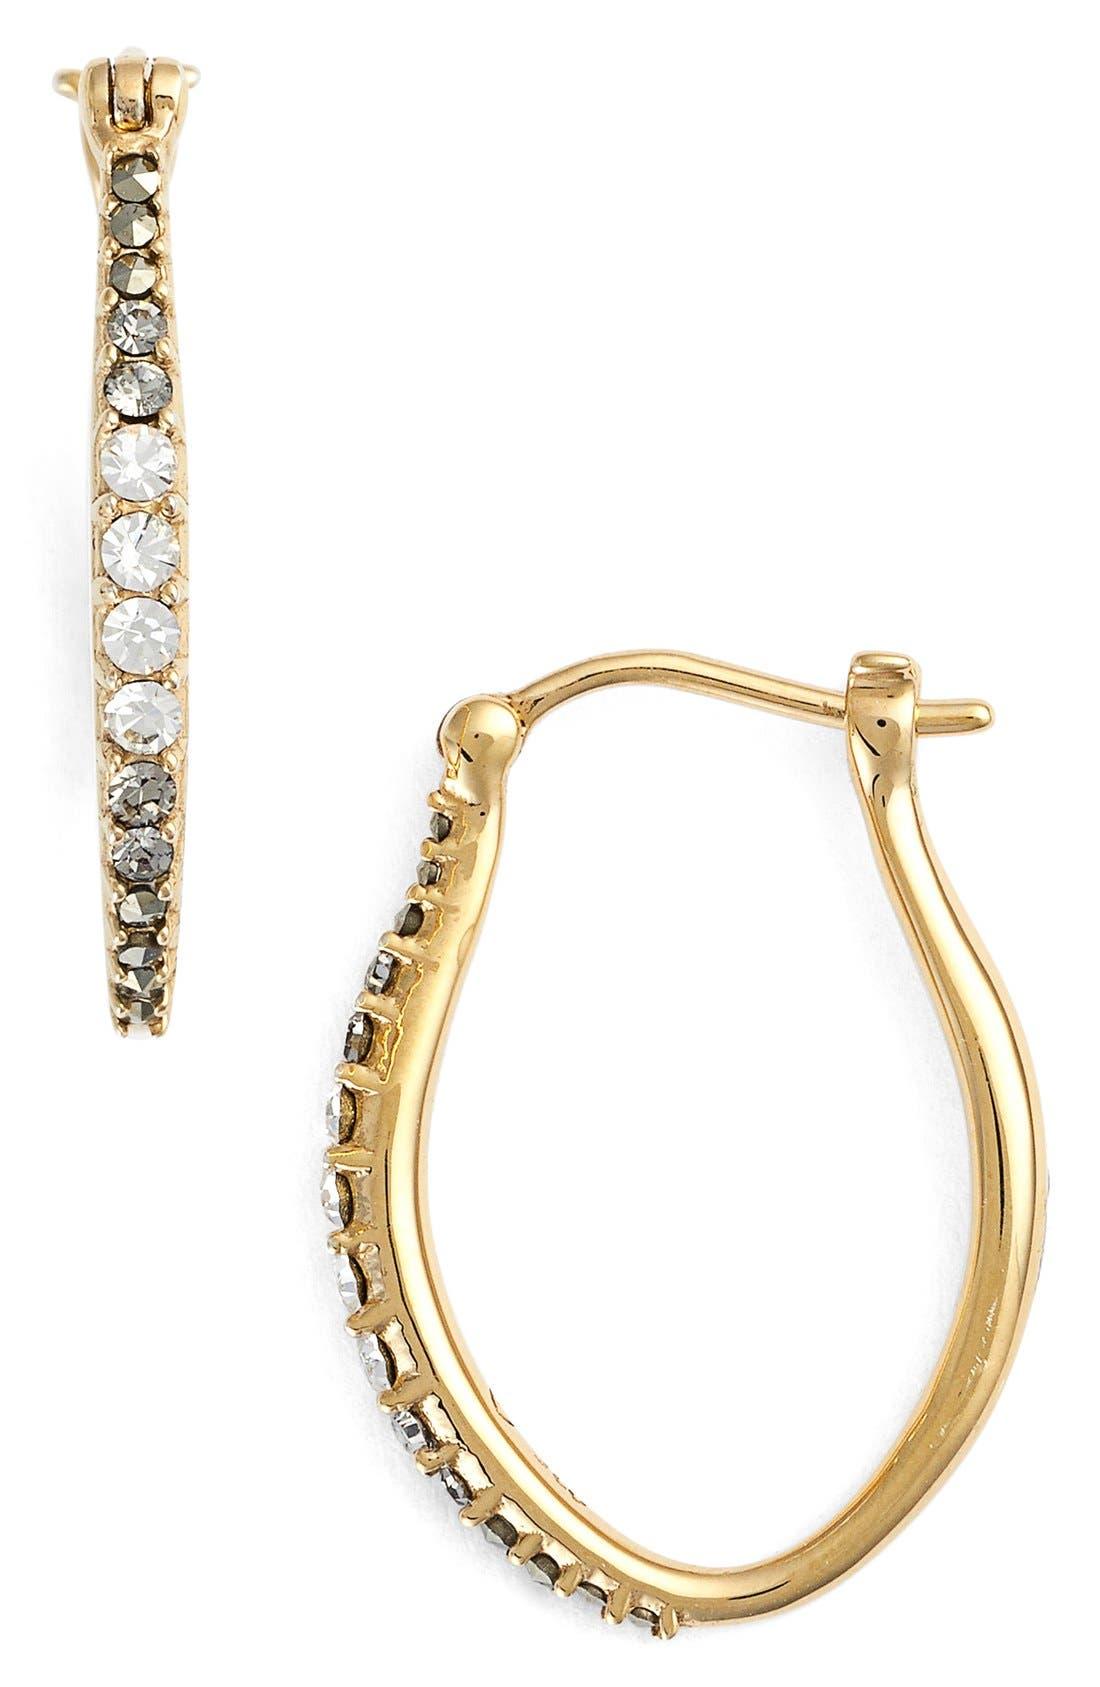 Main Image - Judith Jack Marcasite & Swarovski Crystal Hoop Earrings